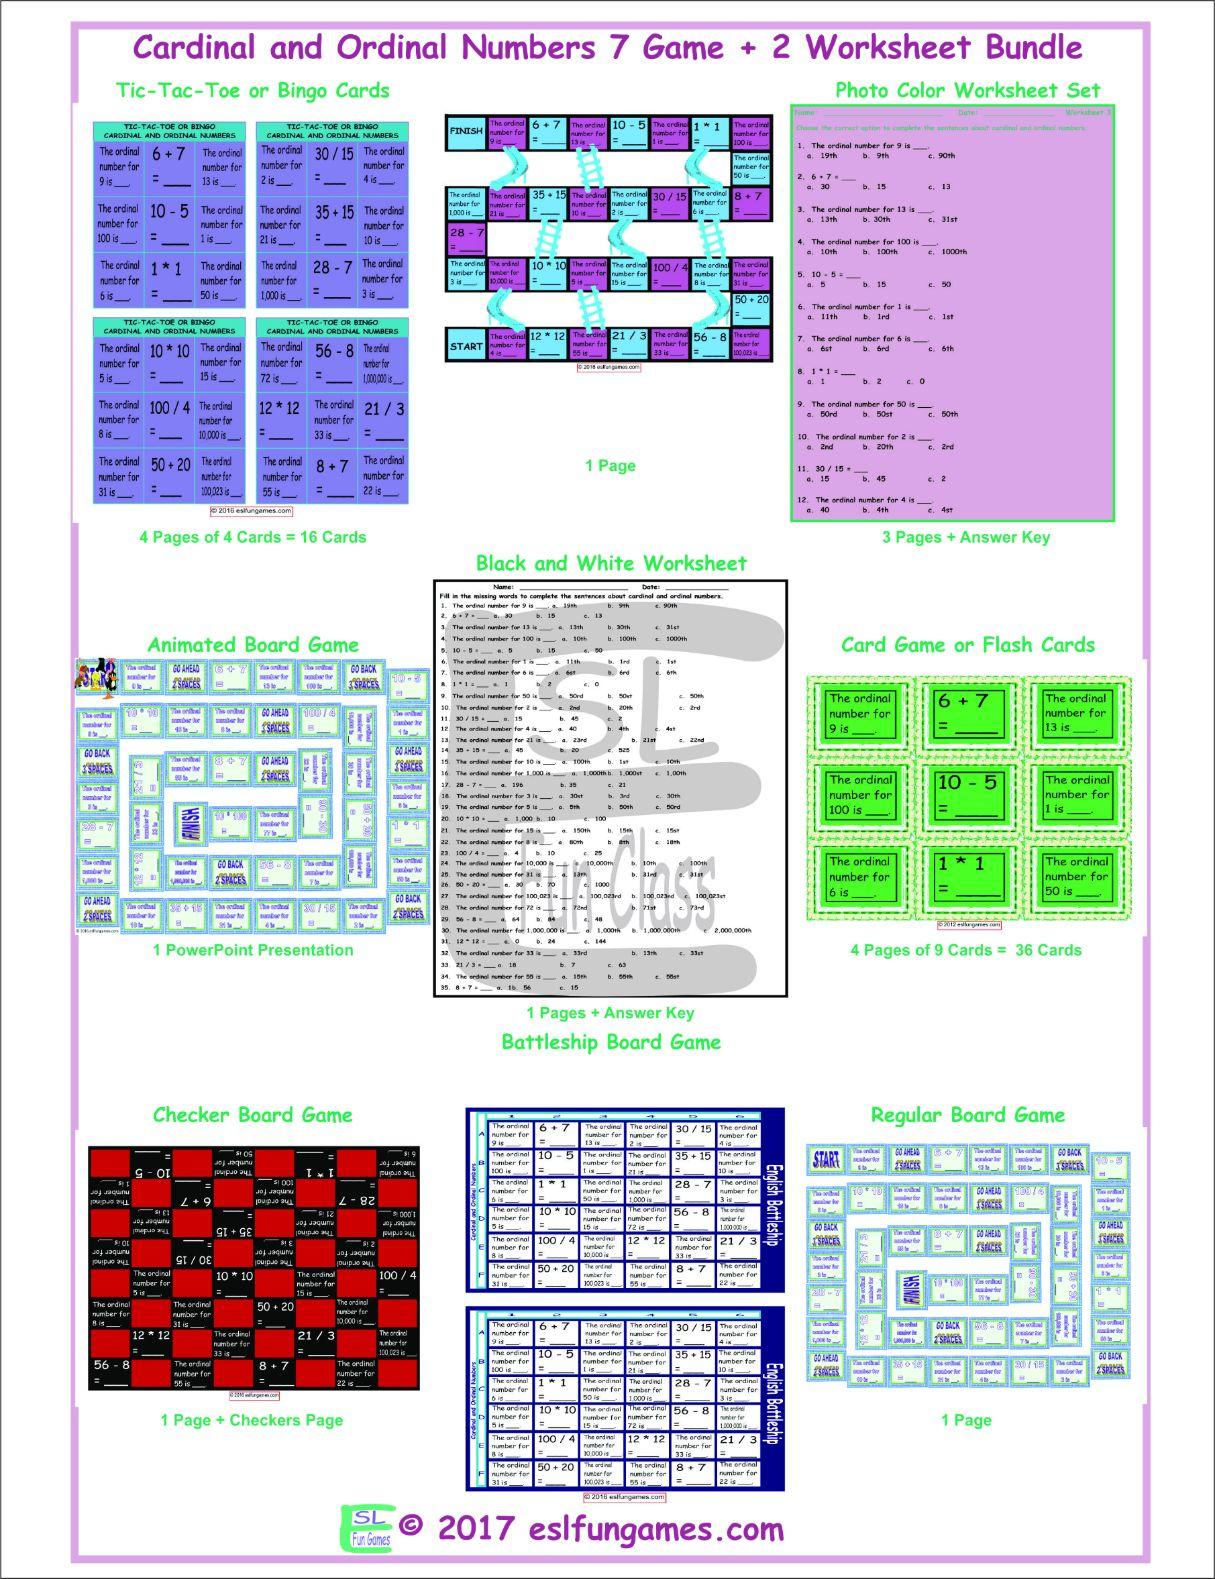 Cardinal And Ordinal Numbers 7 Game Plus 2 Worksheet Bundle By Eslfungames